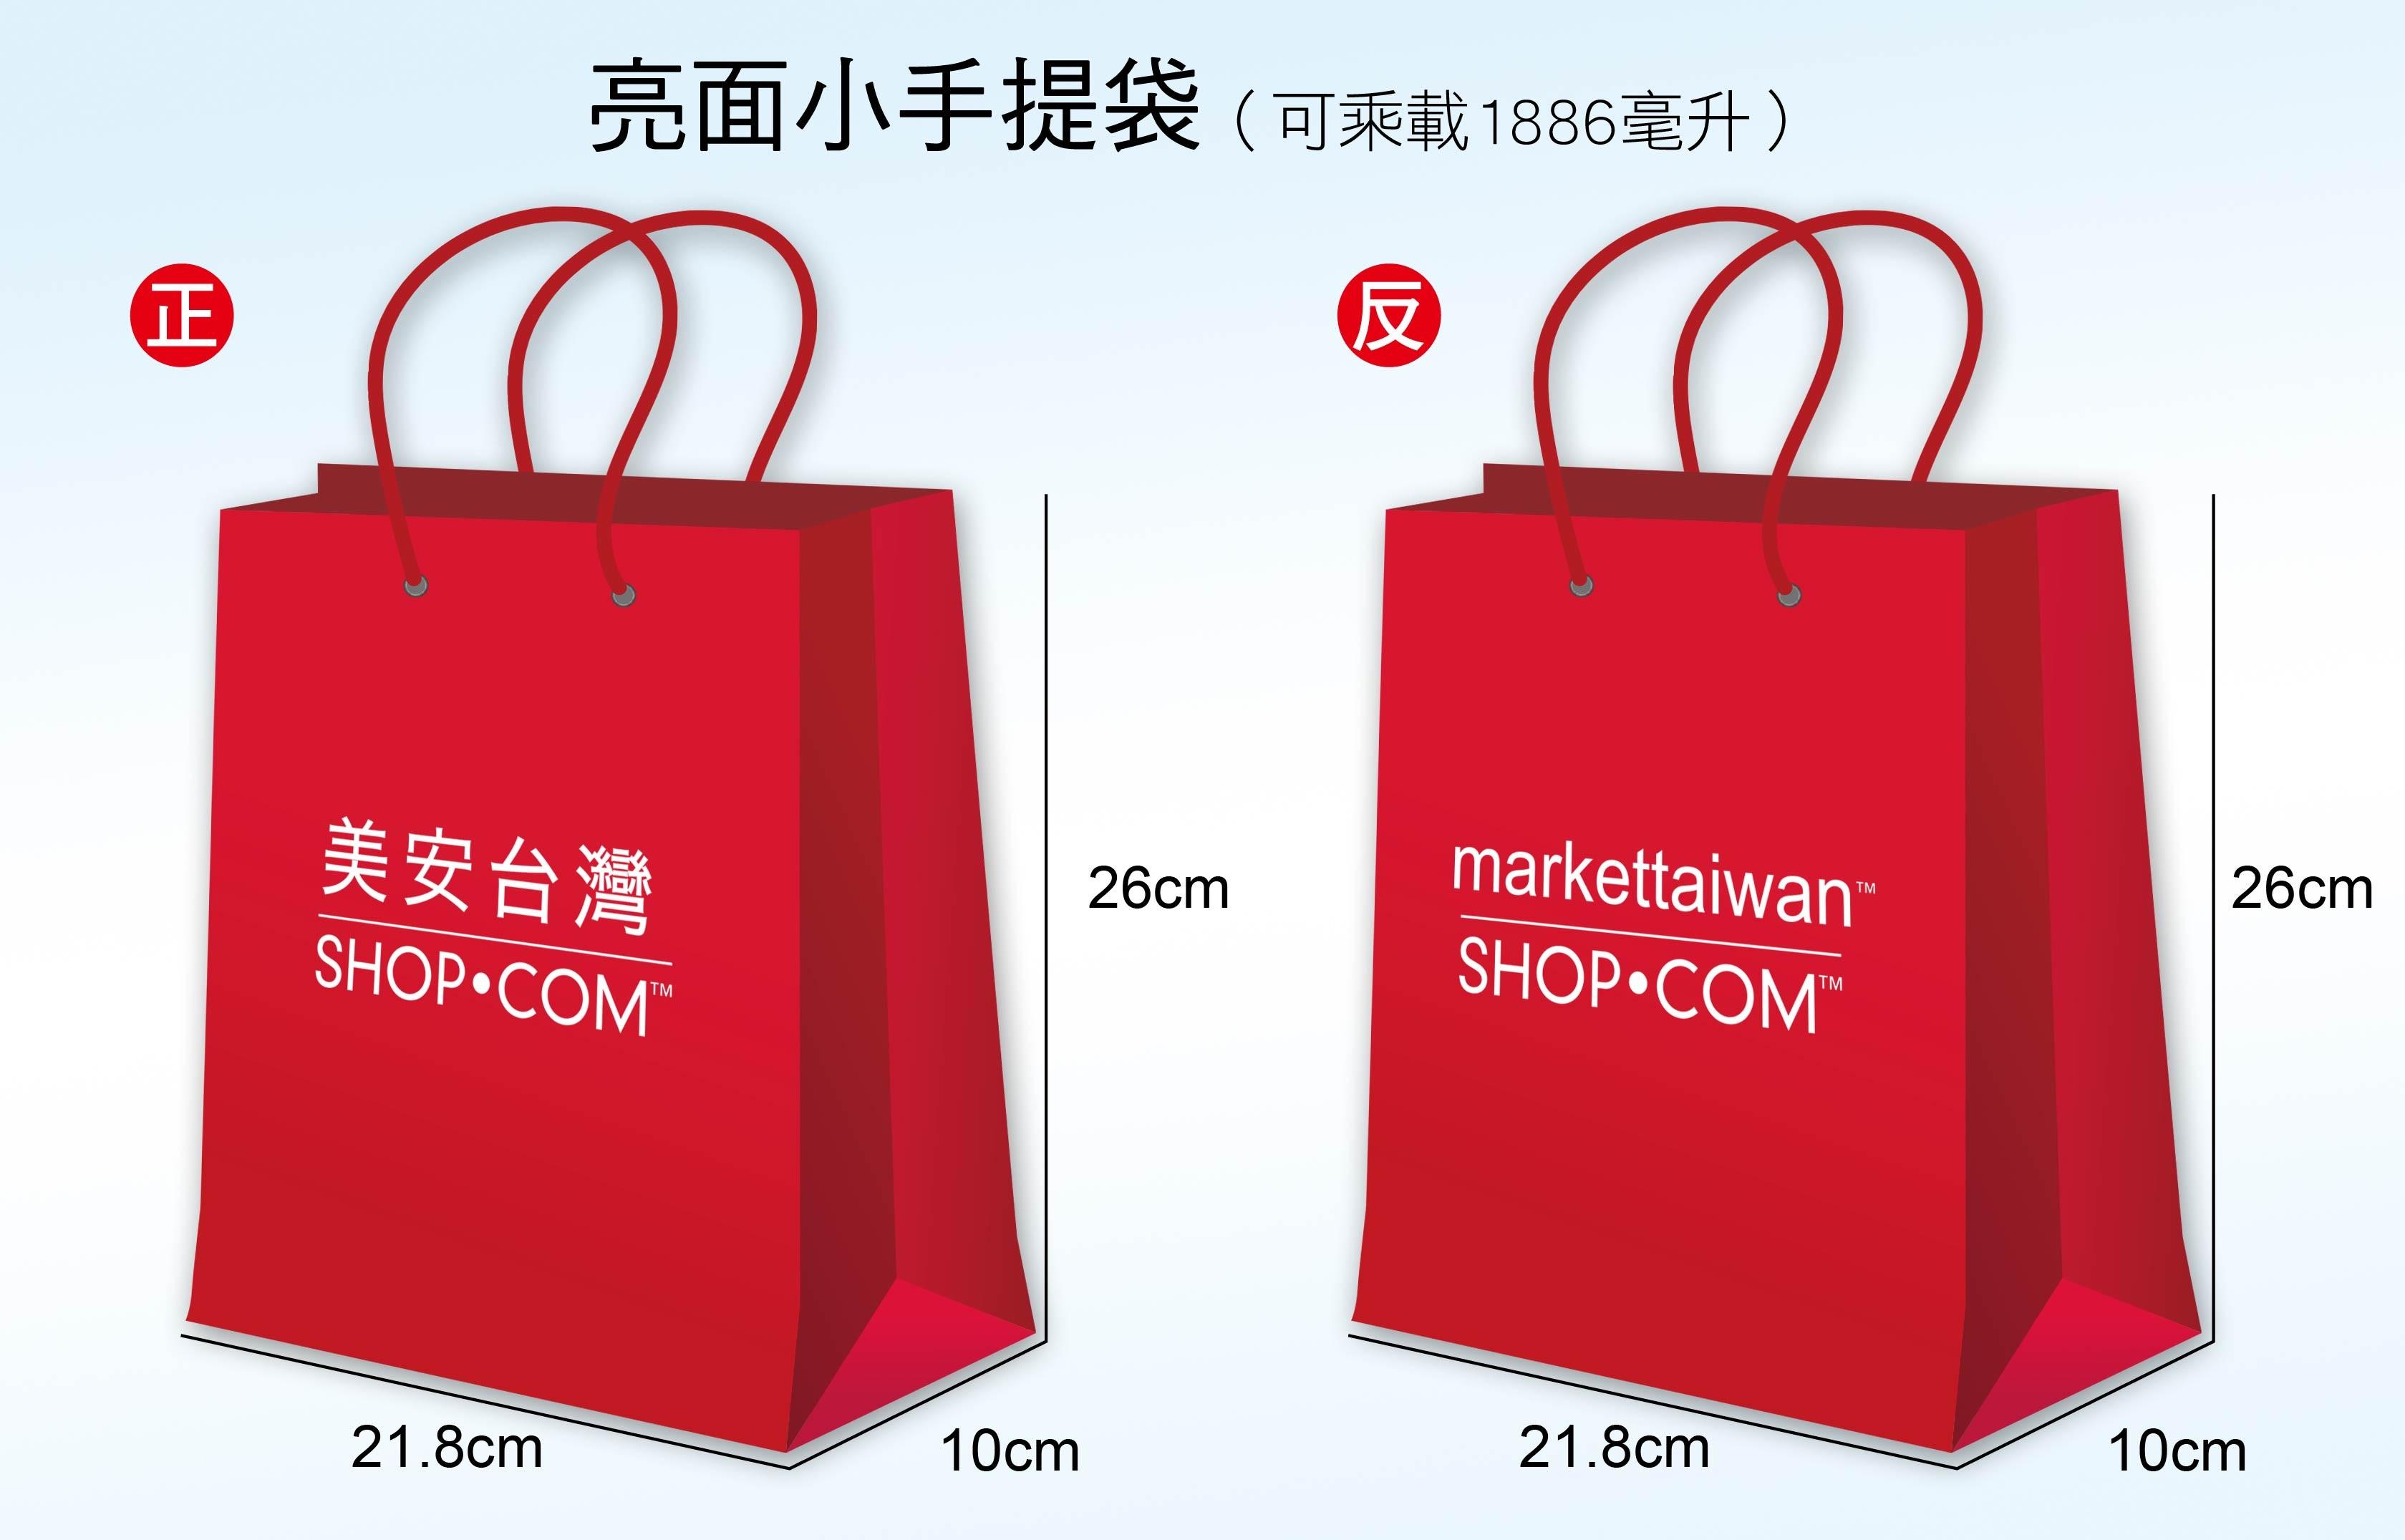 美安紅色亮面小手提袋-21.8x26x10cm-(20只1包)